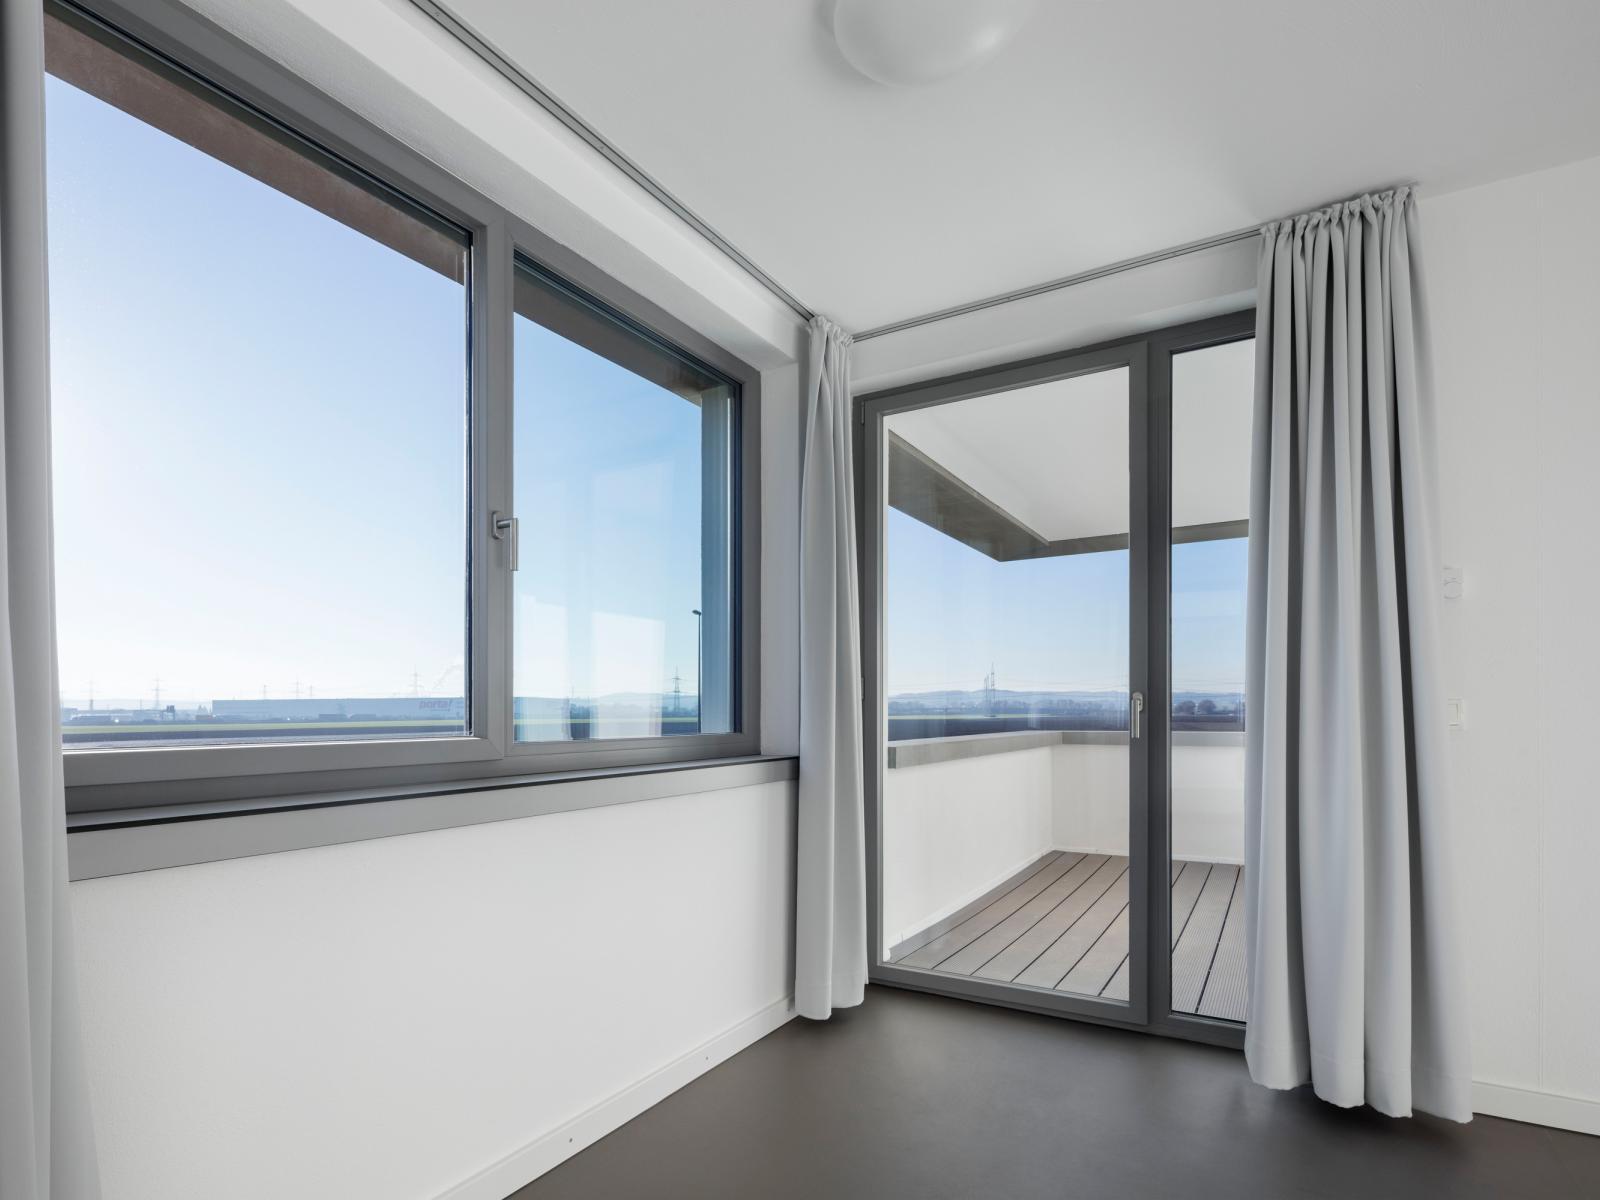 Übergangswohnheime Köln Balkon